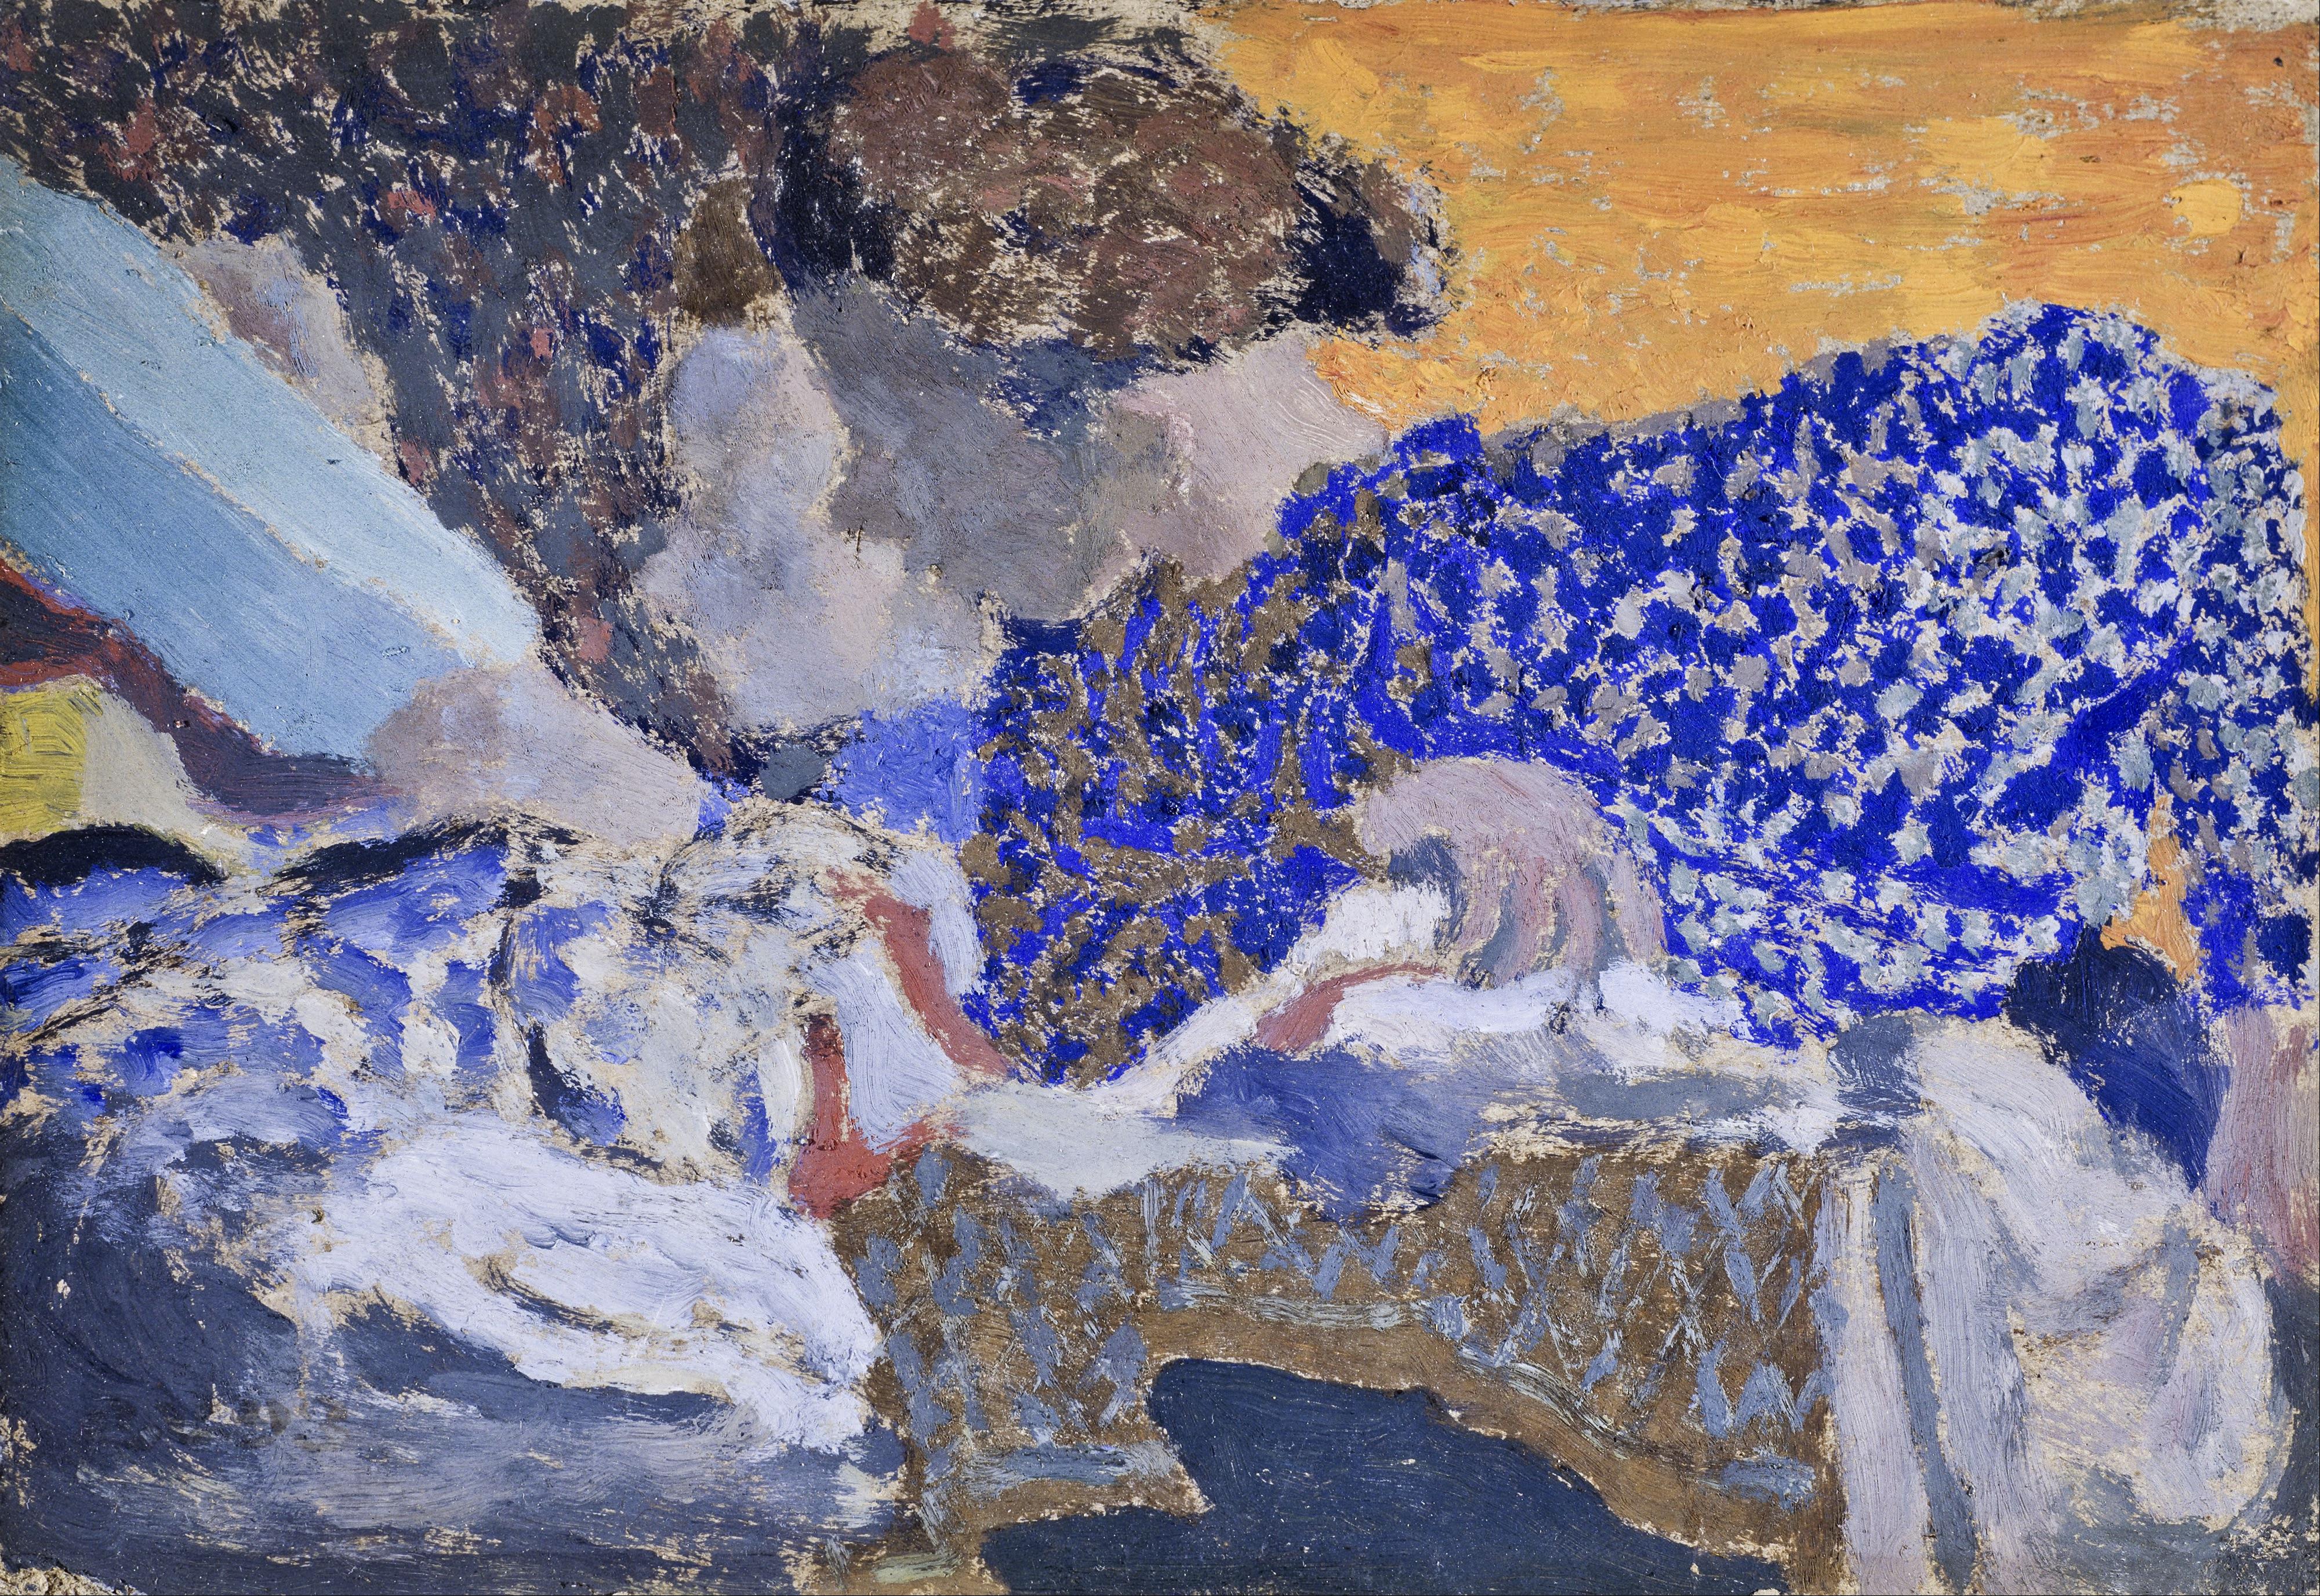 Edouard_Vuillard_-_Deux_ouvrières_dans_l'atelier_de_couture_(Two_Seamstresses_in_the_Workroom)_-_Google_Art_Project